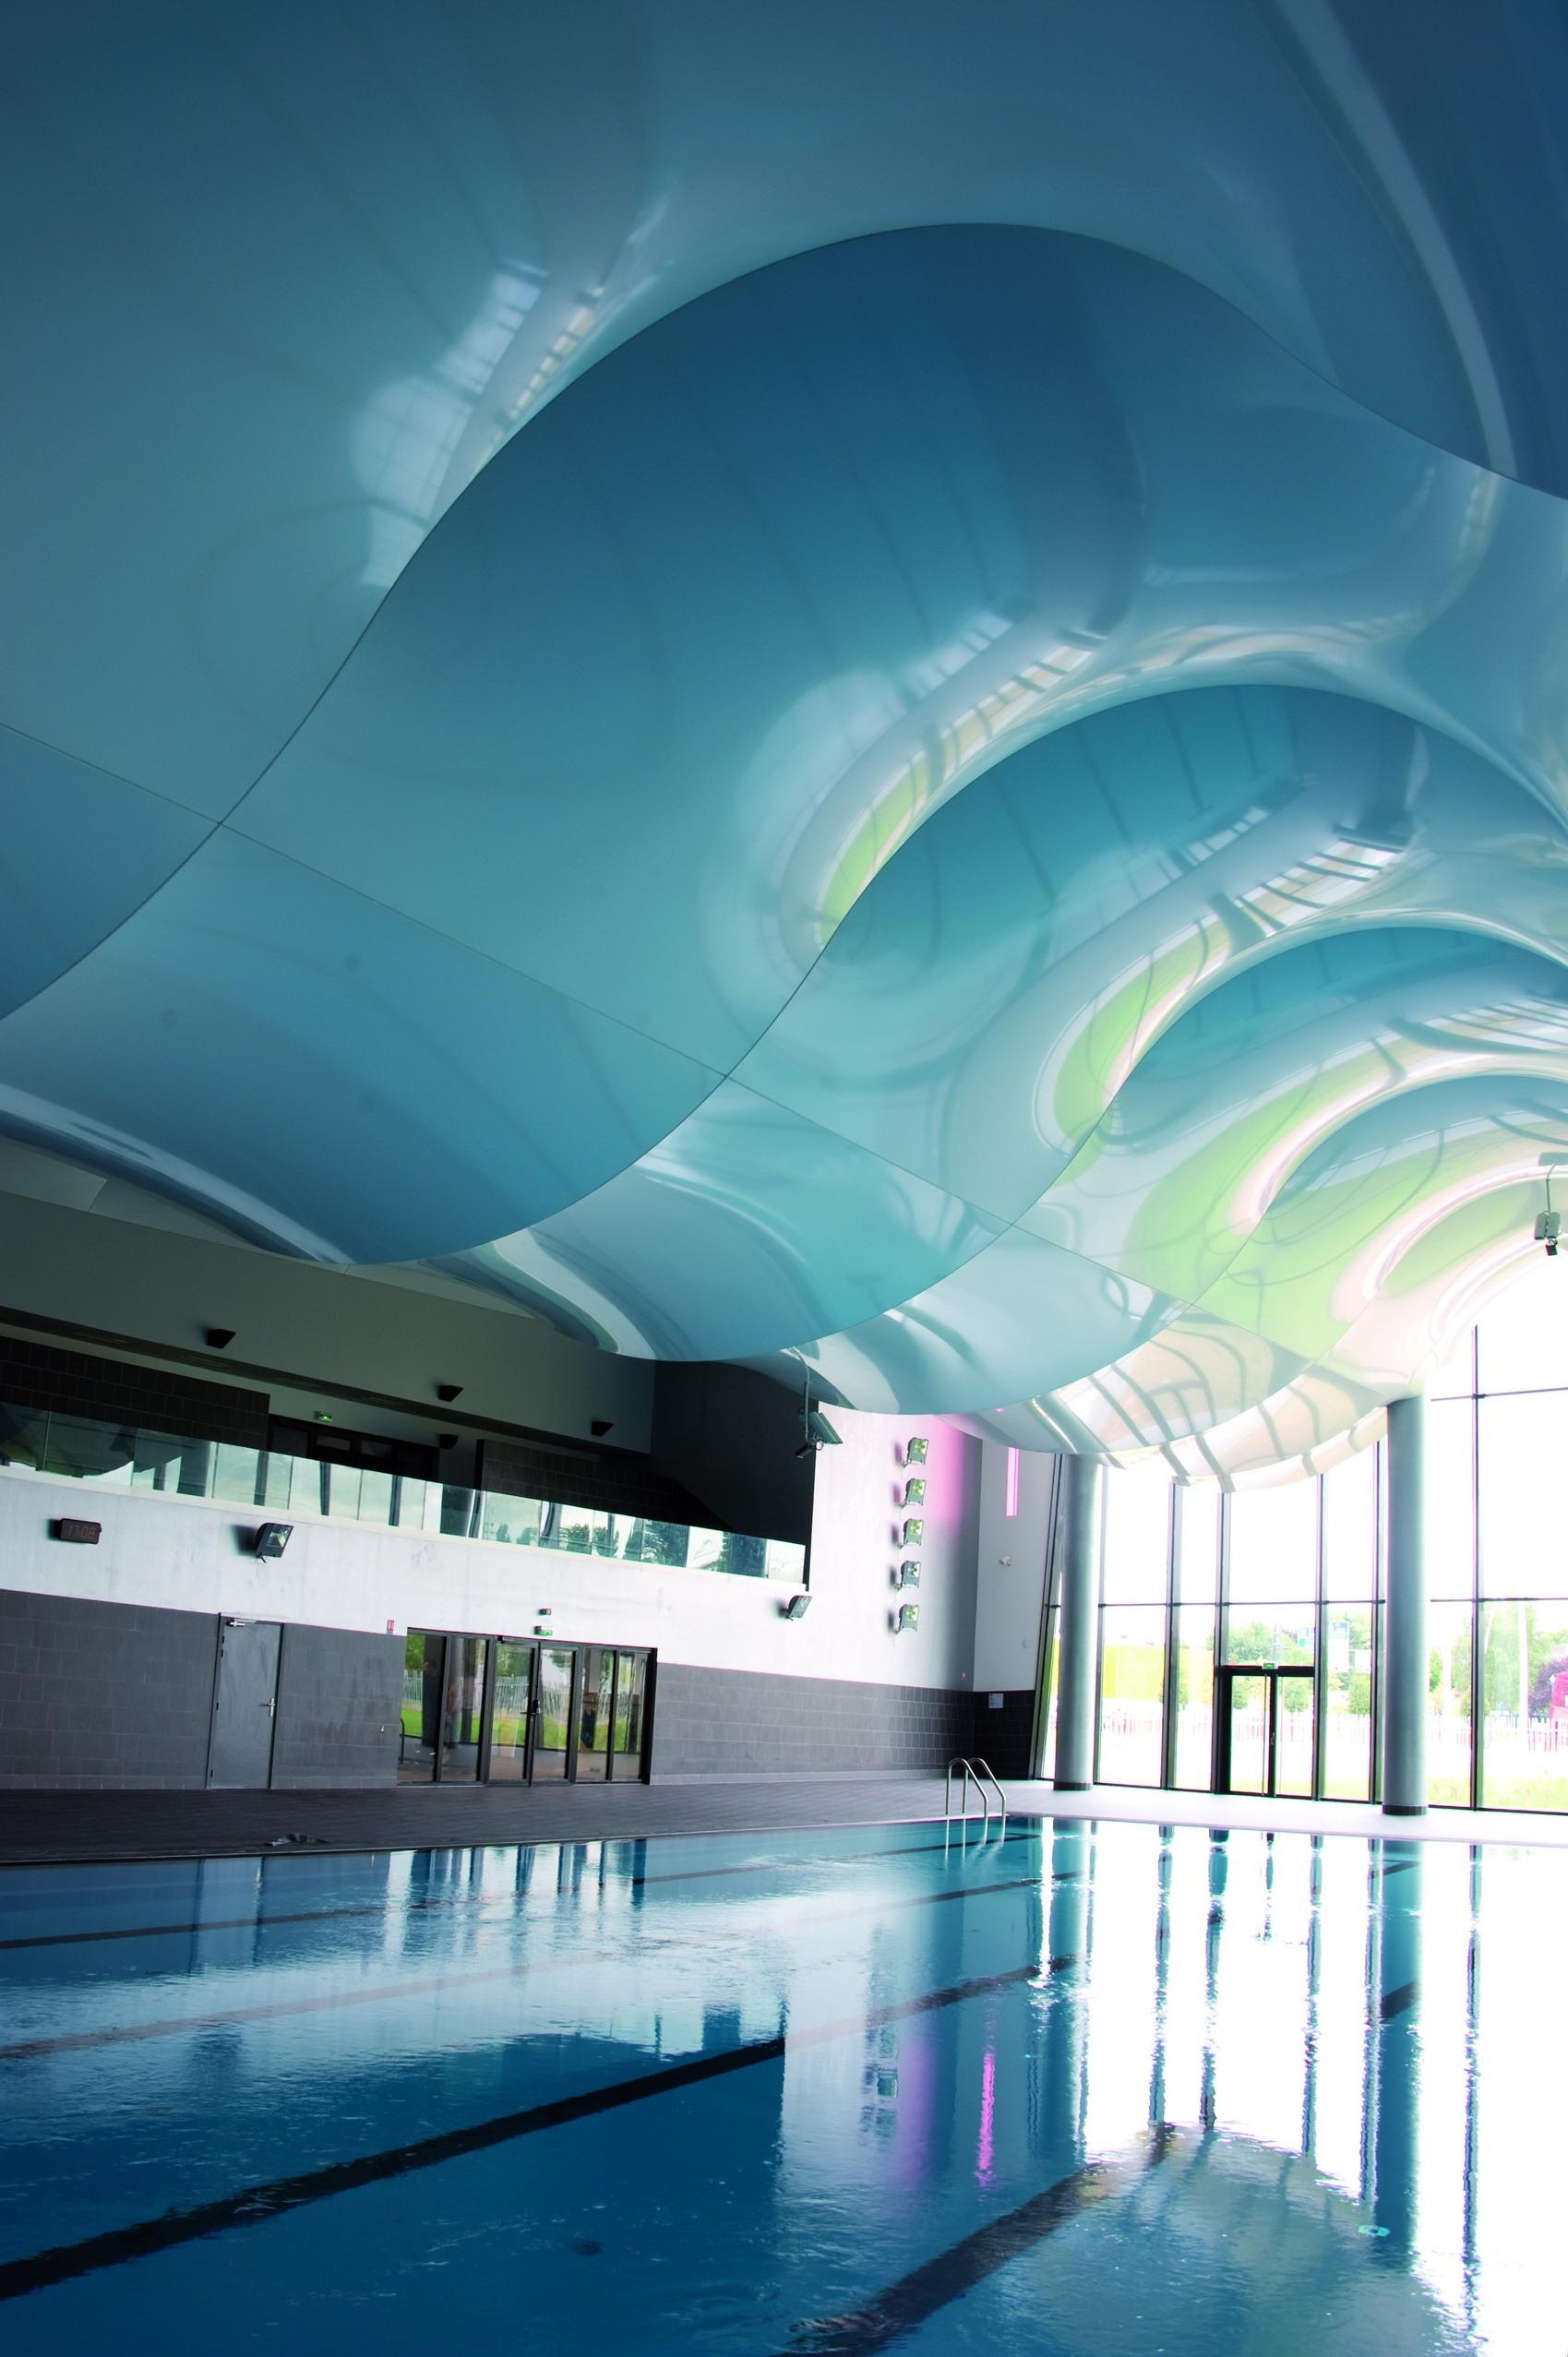 Aqua Leisure Center In Val De Scarpe | Sarea Alain Sarfati ... avec Piscine Arras Aquarena